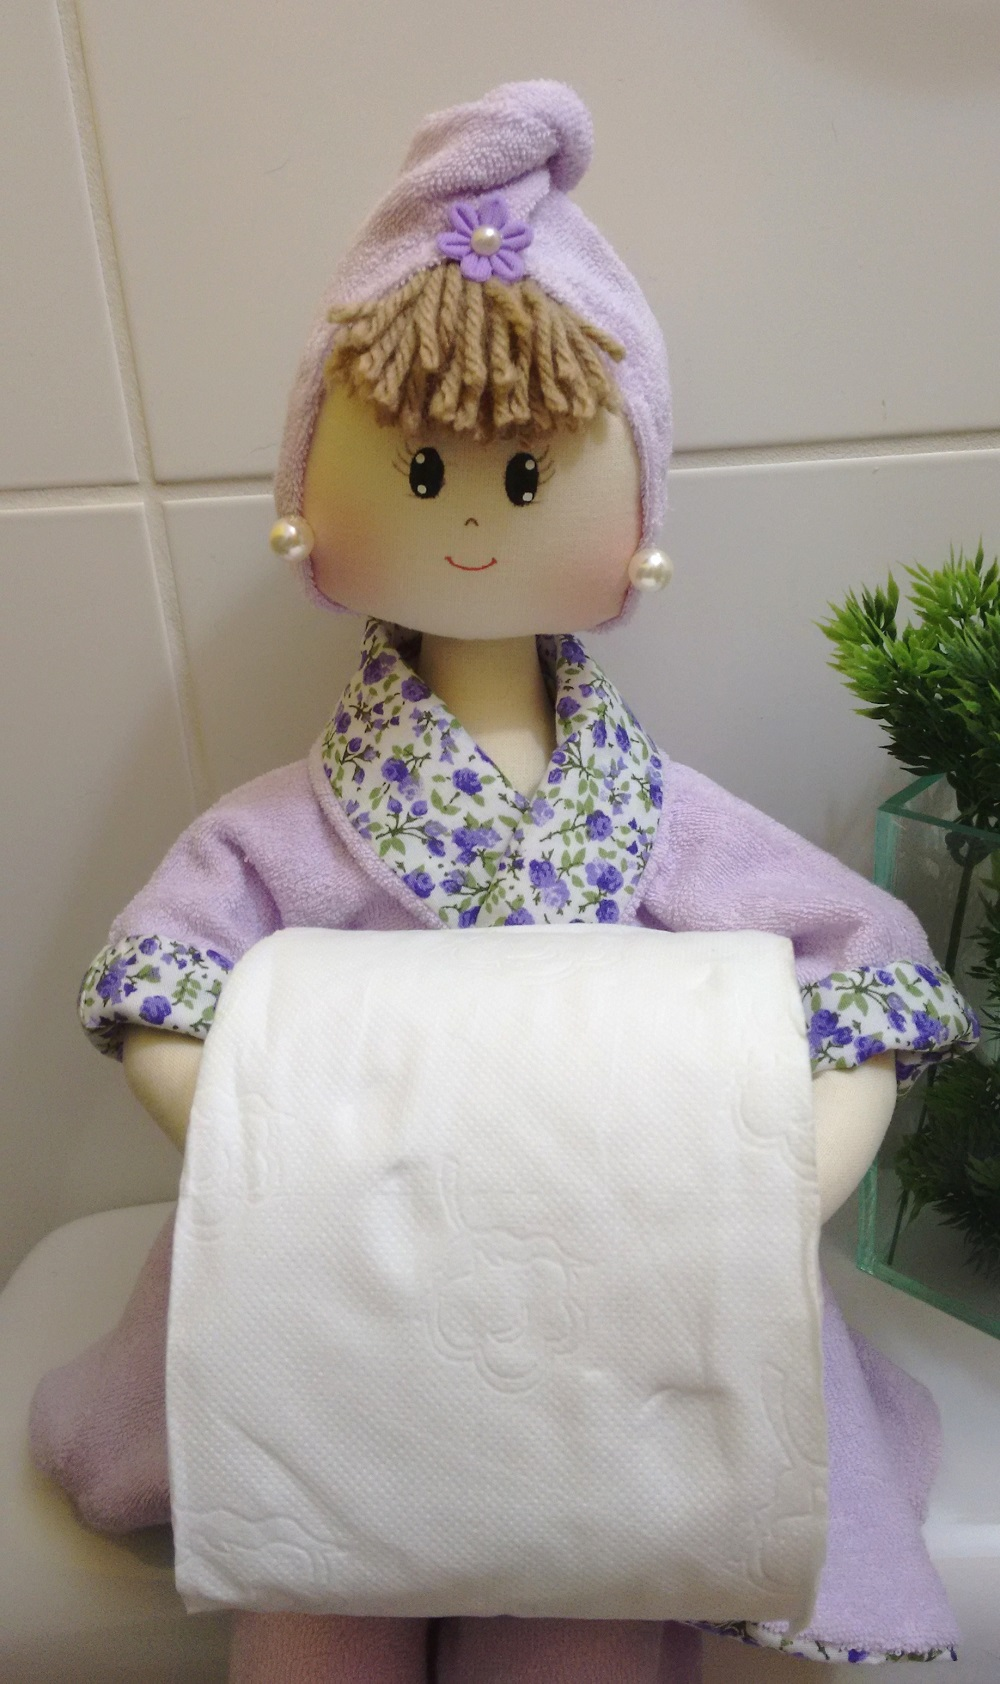 Boneca de pano porta papel higi nico imagine art for Colgadores para papel higienico